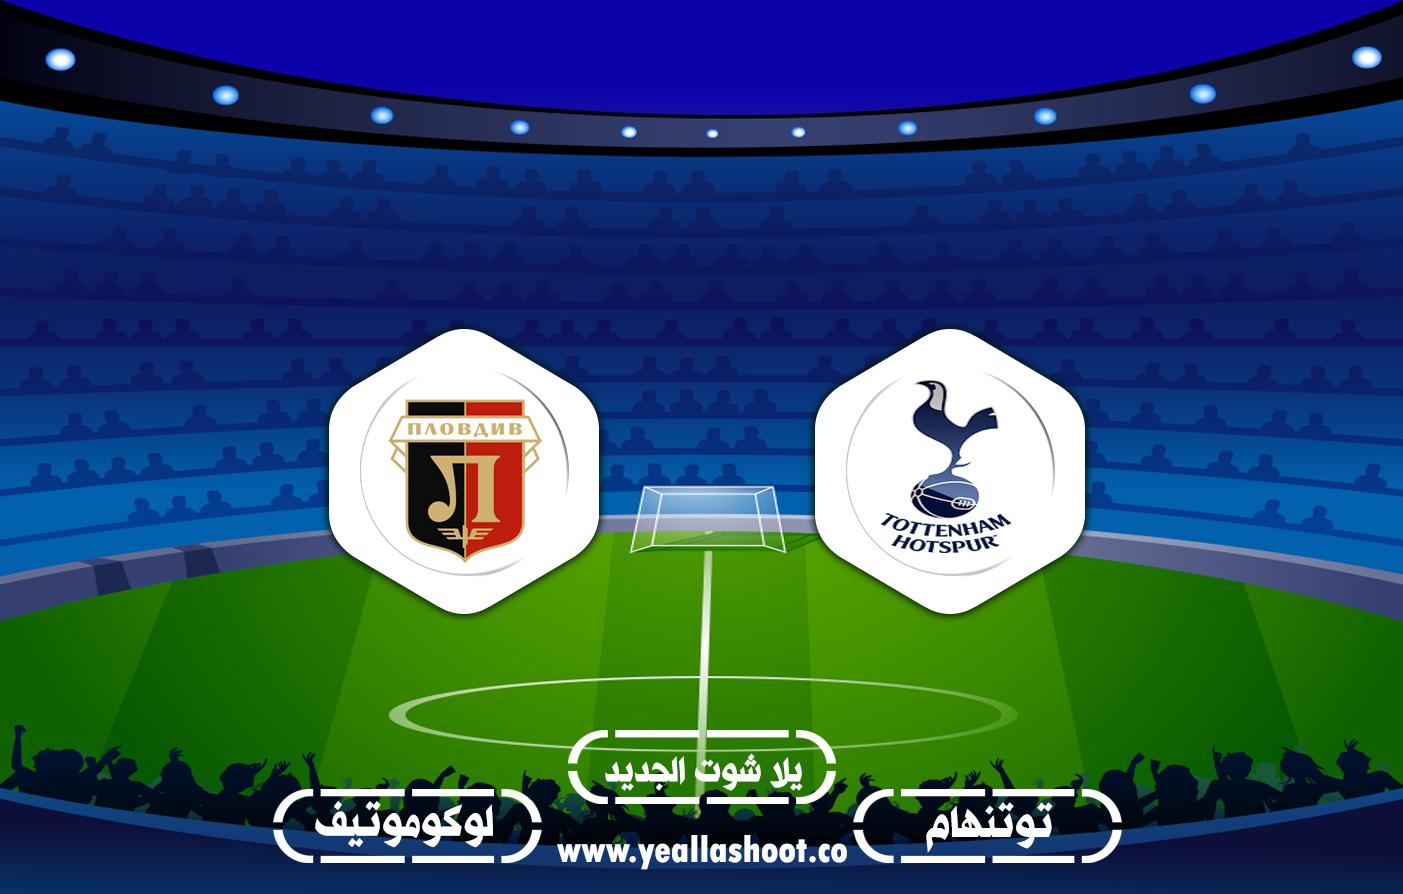 مشاهدة مباراة لوكوموتيف بلوفديف وتوتنهام بث مباشر 17-09-2020 الدوري الأوروبي